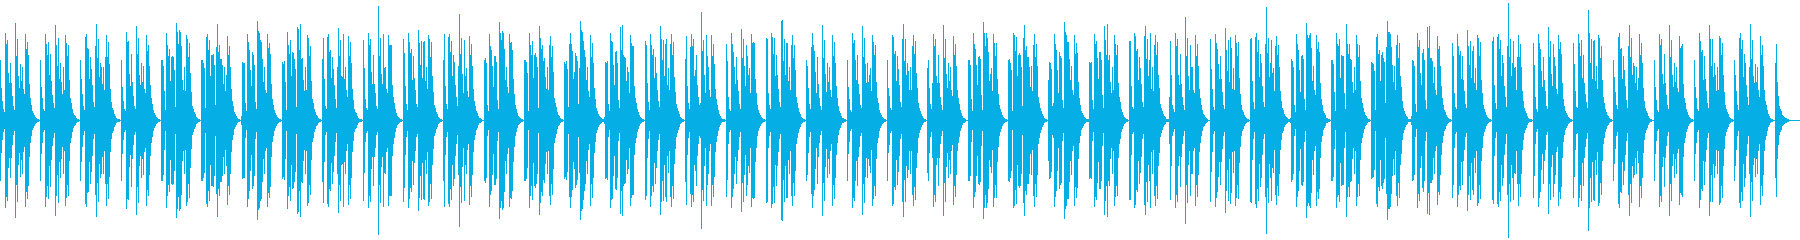 和風・日常・琴・三味線・尺八の再生済みの波形